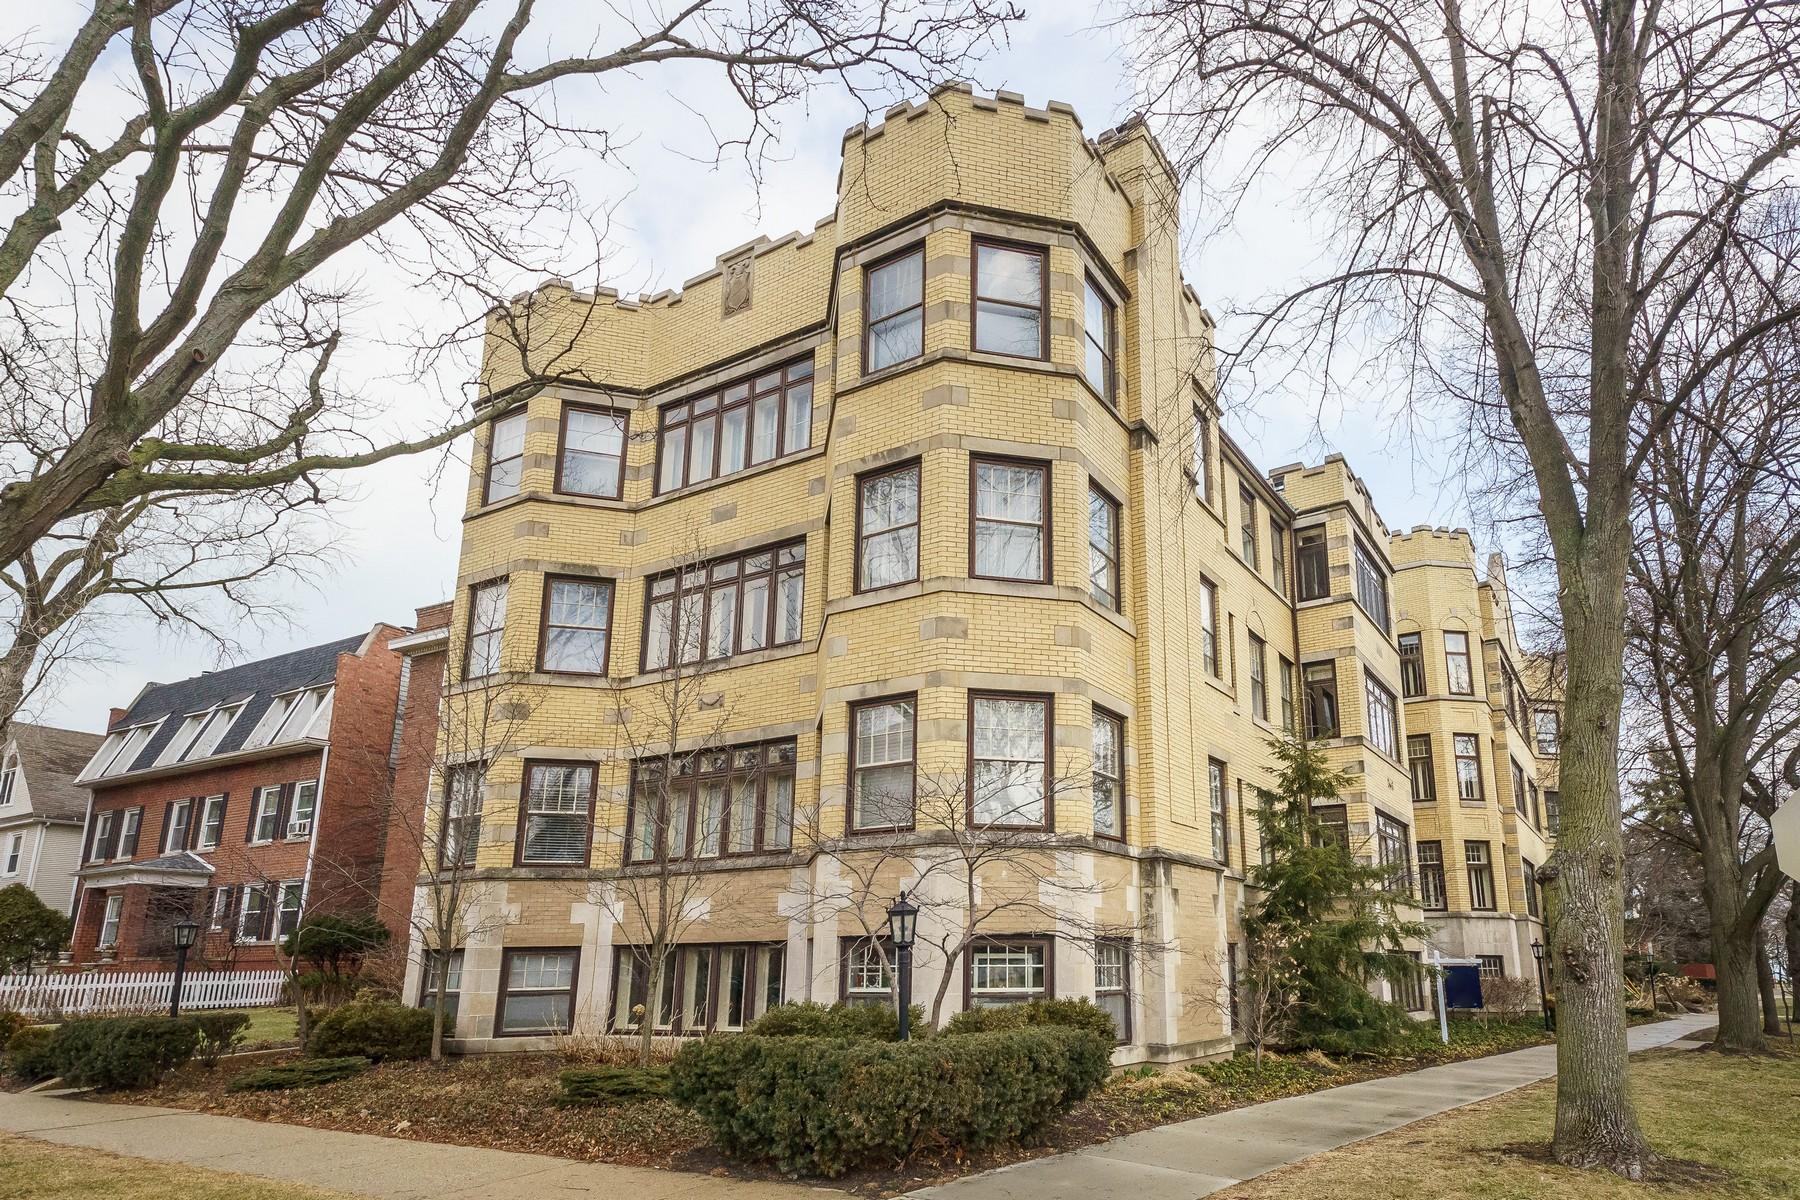 단독 가정 주택 용 매매 에 Bright and spacious 131 Kedzie Street, Unit G, Evanston, 일리노이즈, 60202 미국